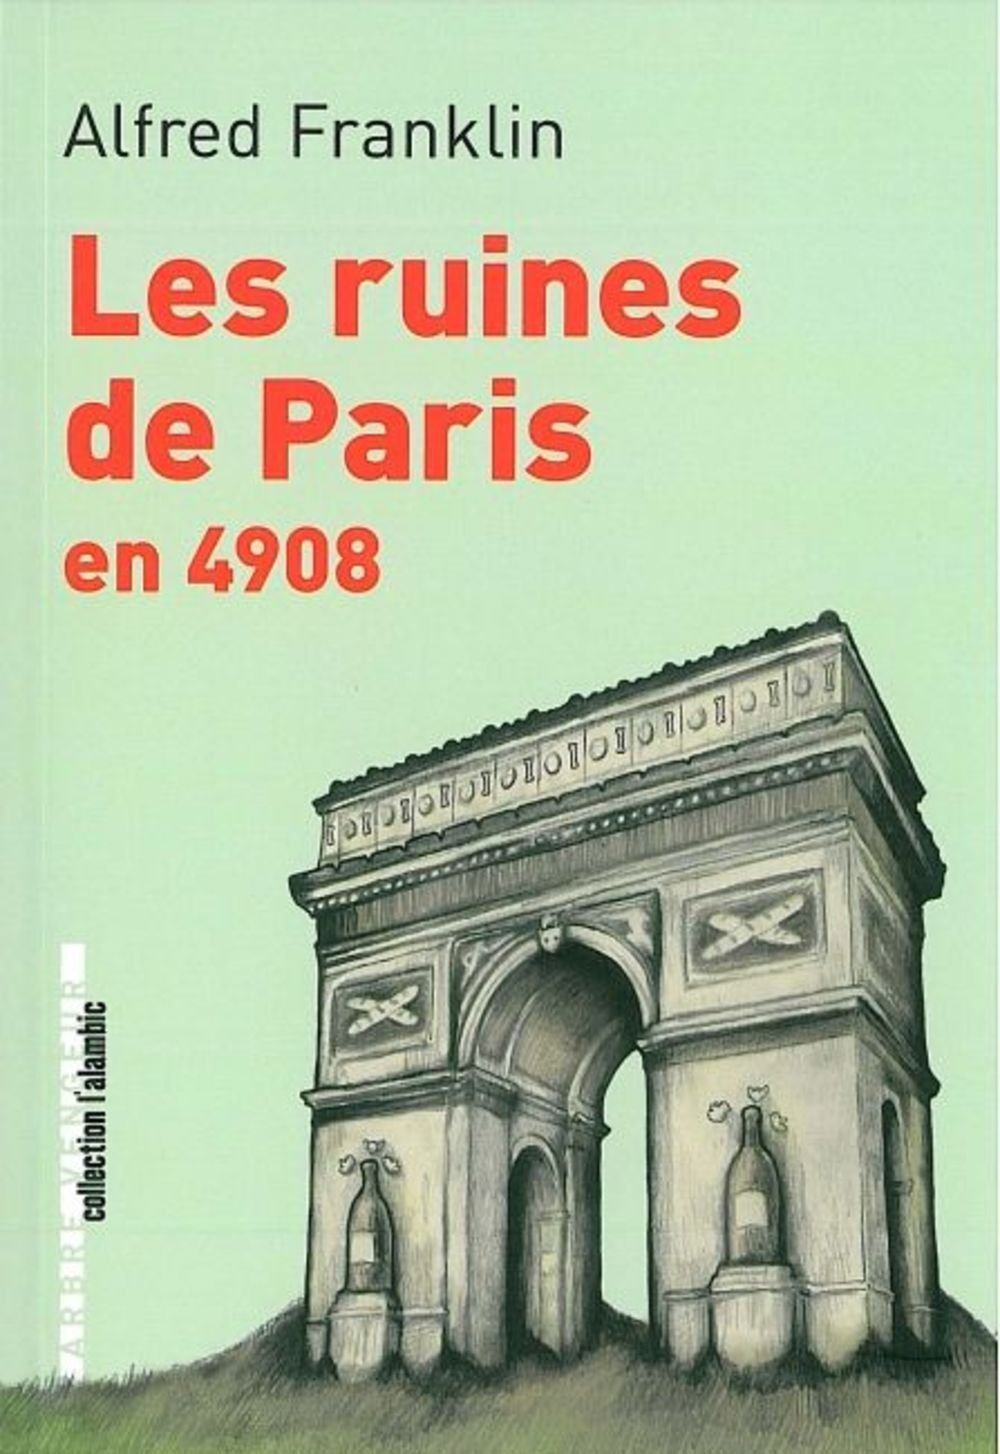 « Les Ruines de Paris en 4908 », d'Alfred Franklin